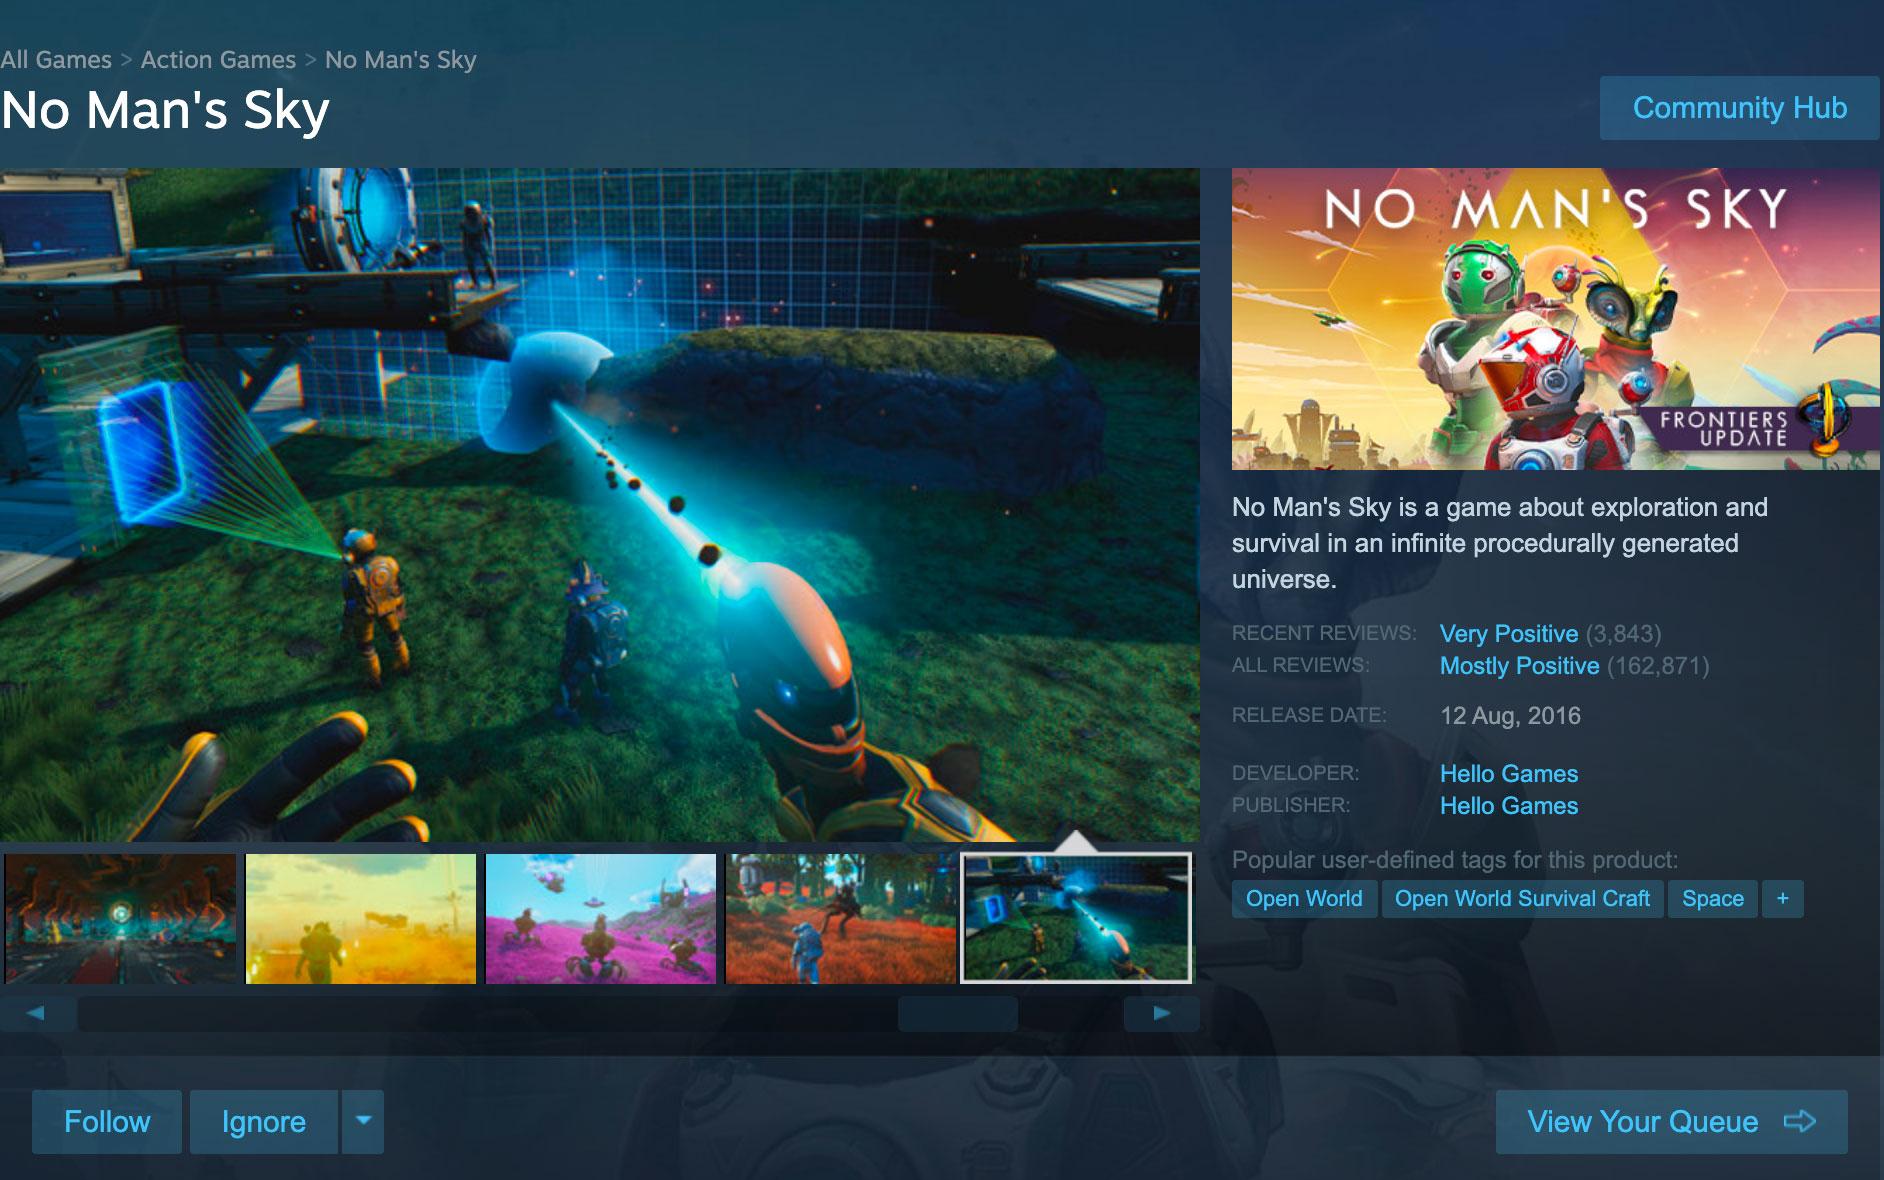 avis-no-man's-sky-2021-clicks-and-games